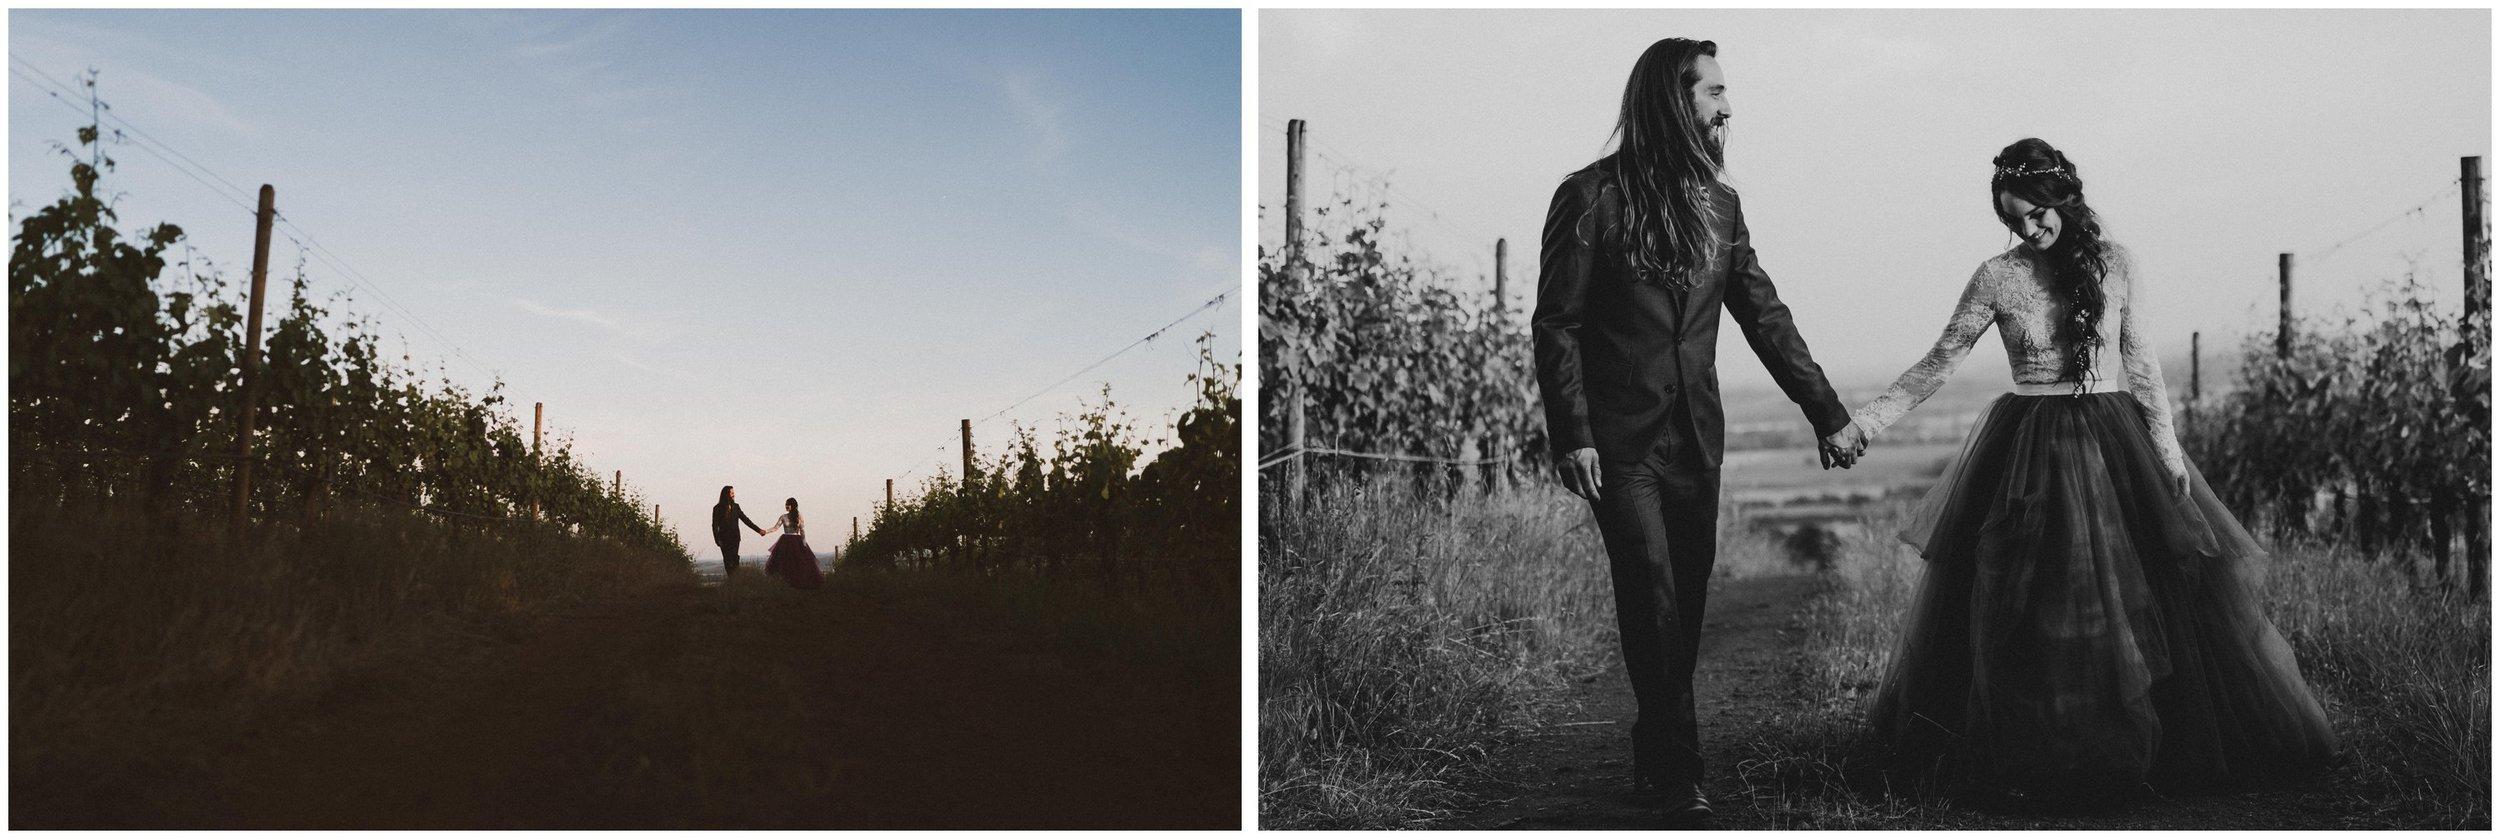 TONY-GAMBINO-PHOTOGRAPHY-BEND-OREGON-WEDDING-SHOOT-000_1540.jpg